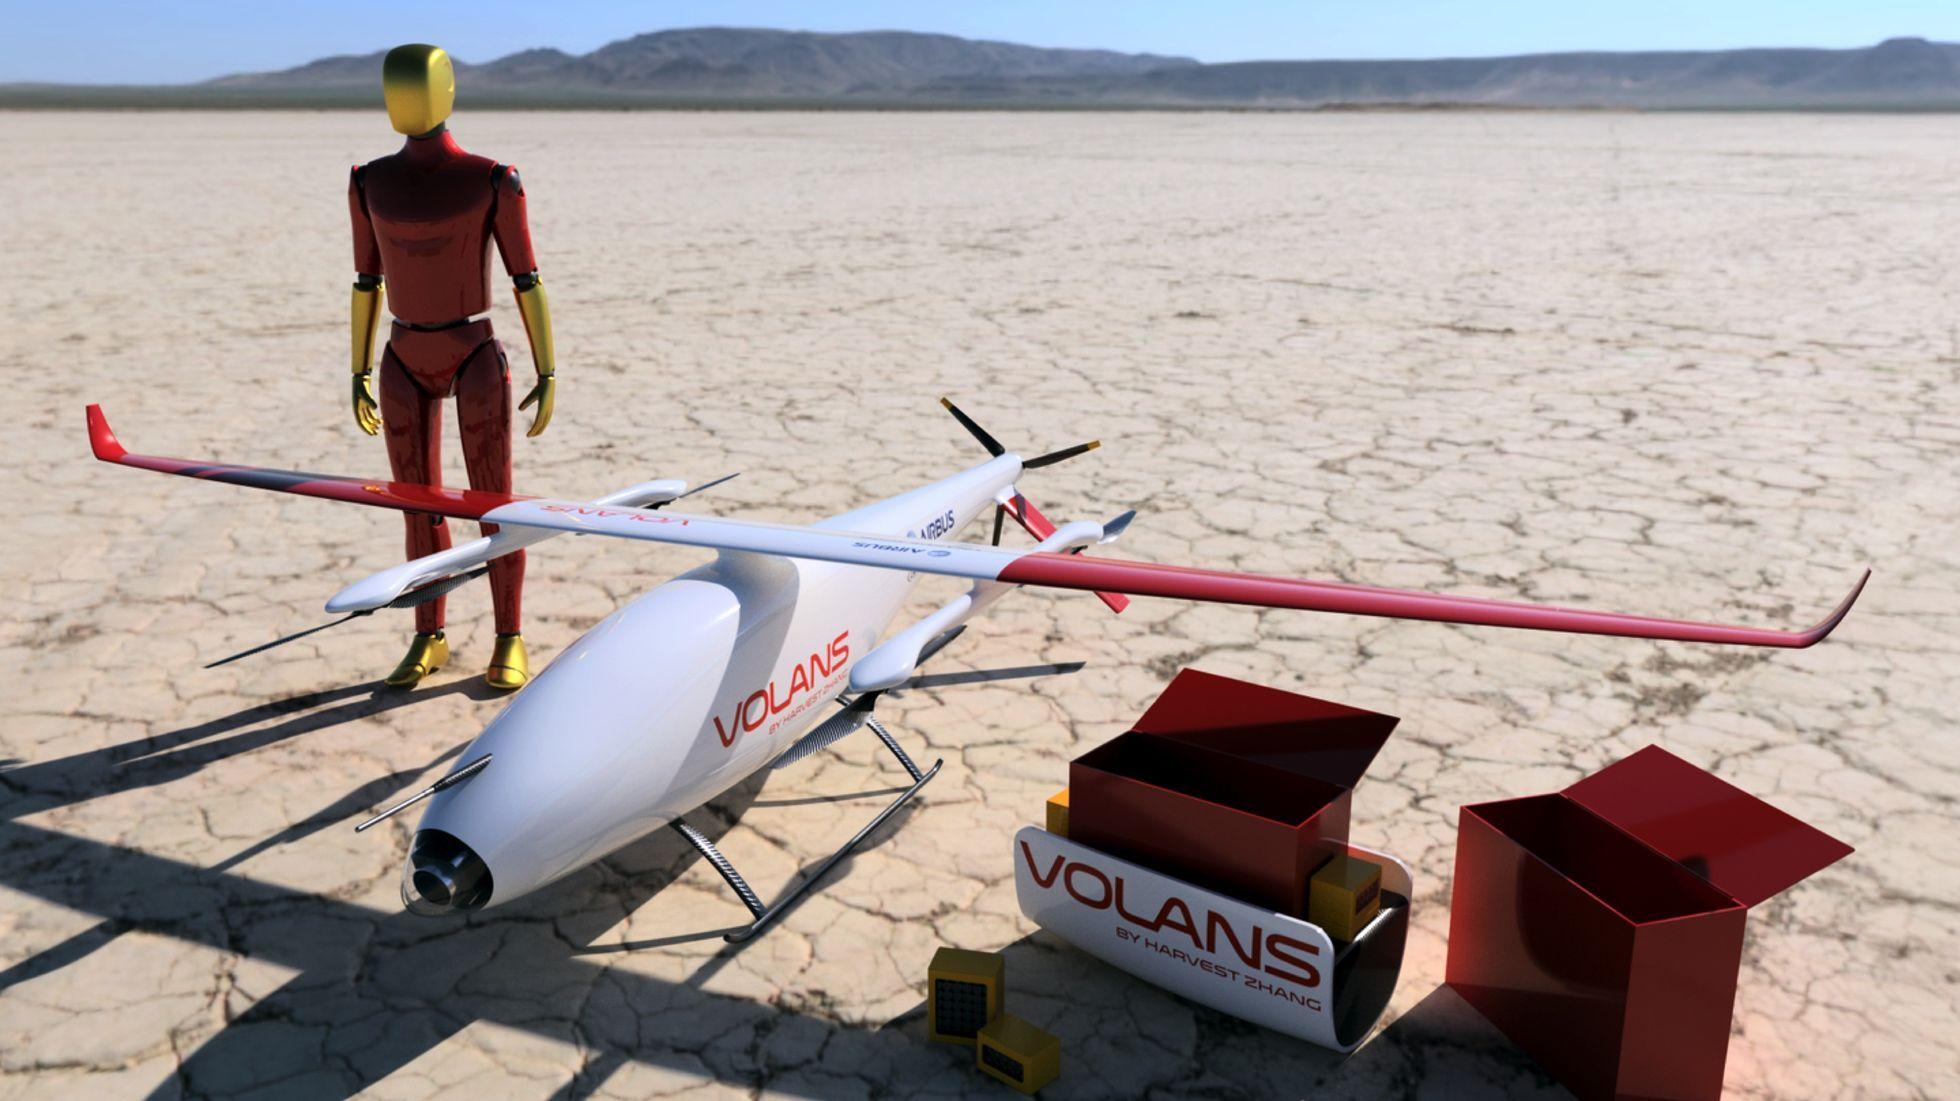 Crowdsourcing: Airbus zeichnet Lieferdrohnen aus - Volans ist eine kalifornische Drohne. (Bild: Airbus Group/Local Motors)